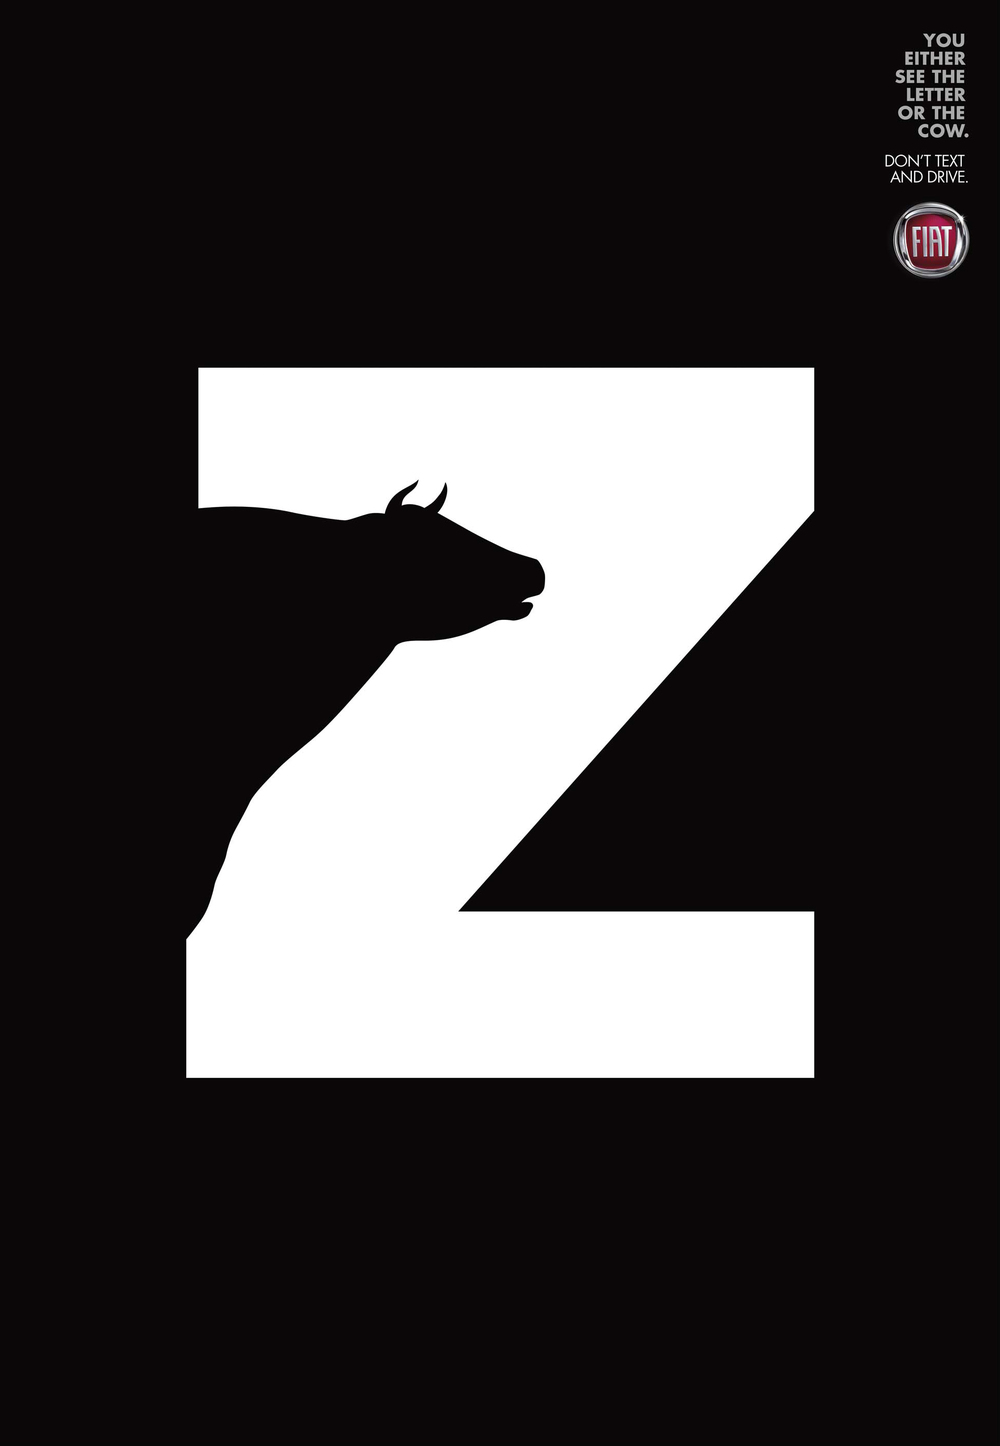 fiat_z_cow.jpg